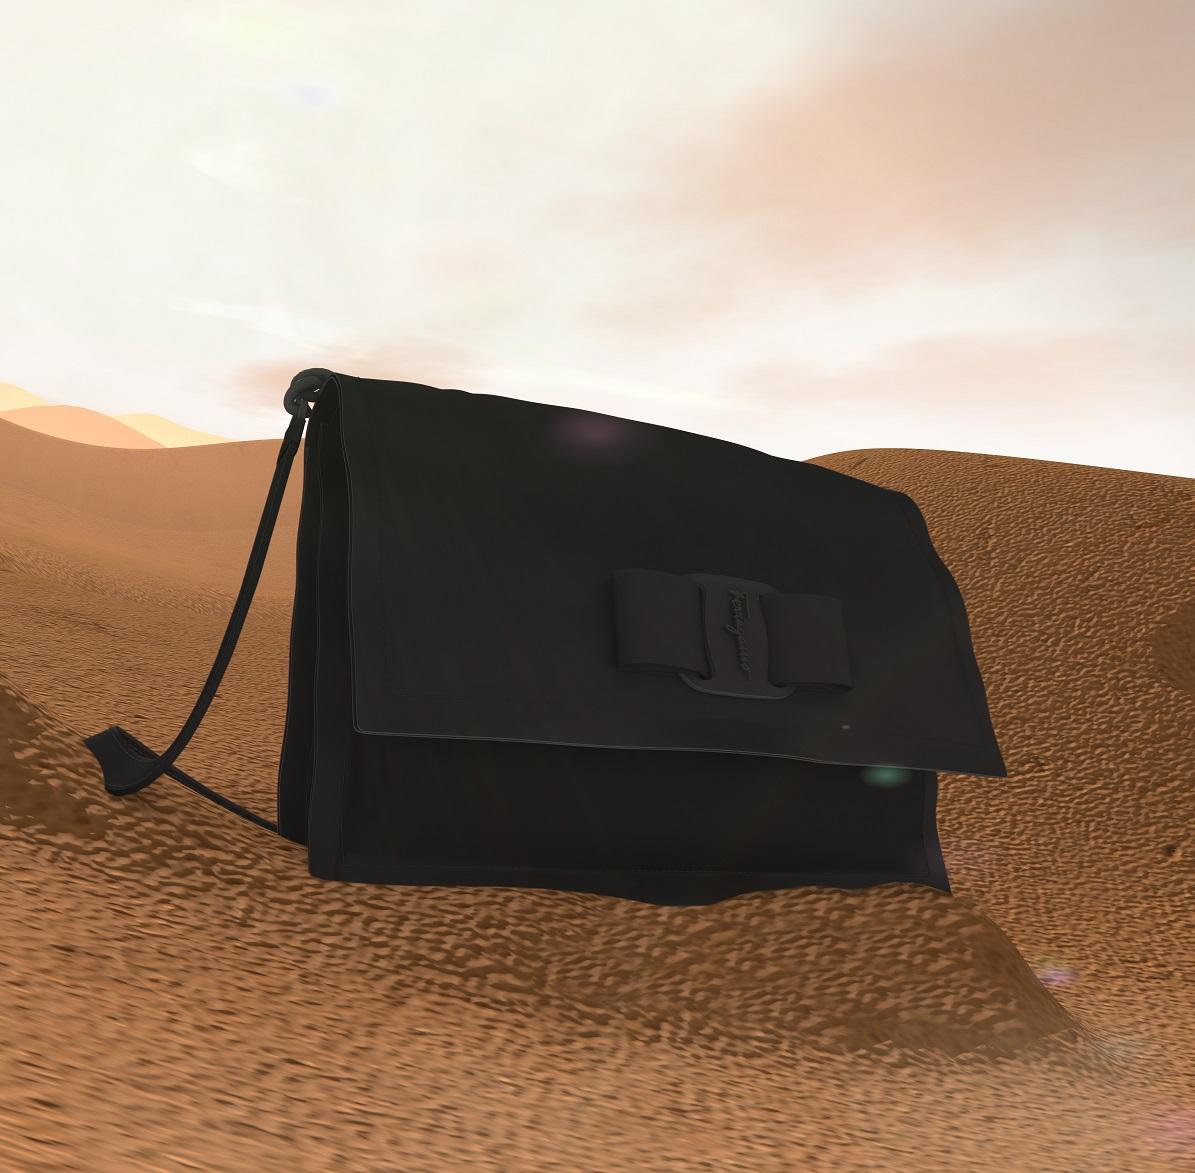 Salvatore Ferragamo представили новую модель сумки